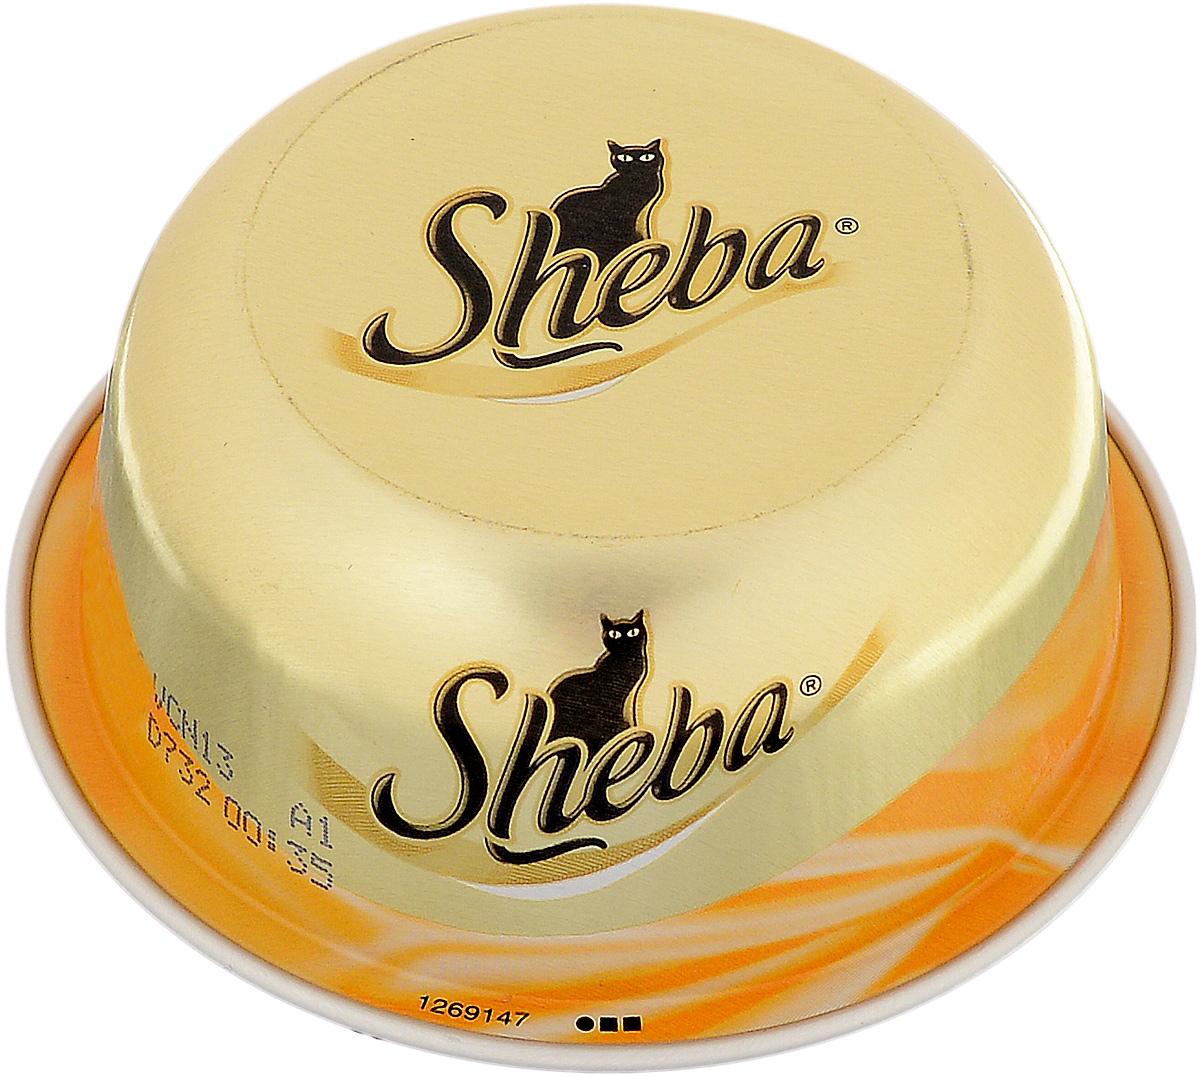 Консервы Sheba для взрослых кошек, с курицей и уткой, 80 г29974Консервы Sheba – мясной деликатес для взрослых кошек из сочного мяса курицы с уткой.Характерные особенности:- Уникальный формат упаковки,- Кошка получает необходимую ей порцию,- Натуральные ингредиенты,- Отсутствие консервантов,- Изысканные рецепт,- Деликатесные ингредиенты. Состав: куриные грудки (минимум 35%), утиные грудки (минимум 4%), крахмал тапиоки. Пищевая ценность (100 г): белки - 12 г, жиры - 0,5 г; зола - 1 г; клетчатка - 0,1 г; влага - 85 г. Энергетическая ценность (100 г): 60 ккал. Товар сертифицирован.